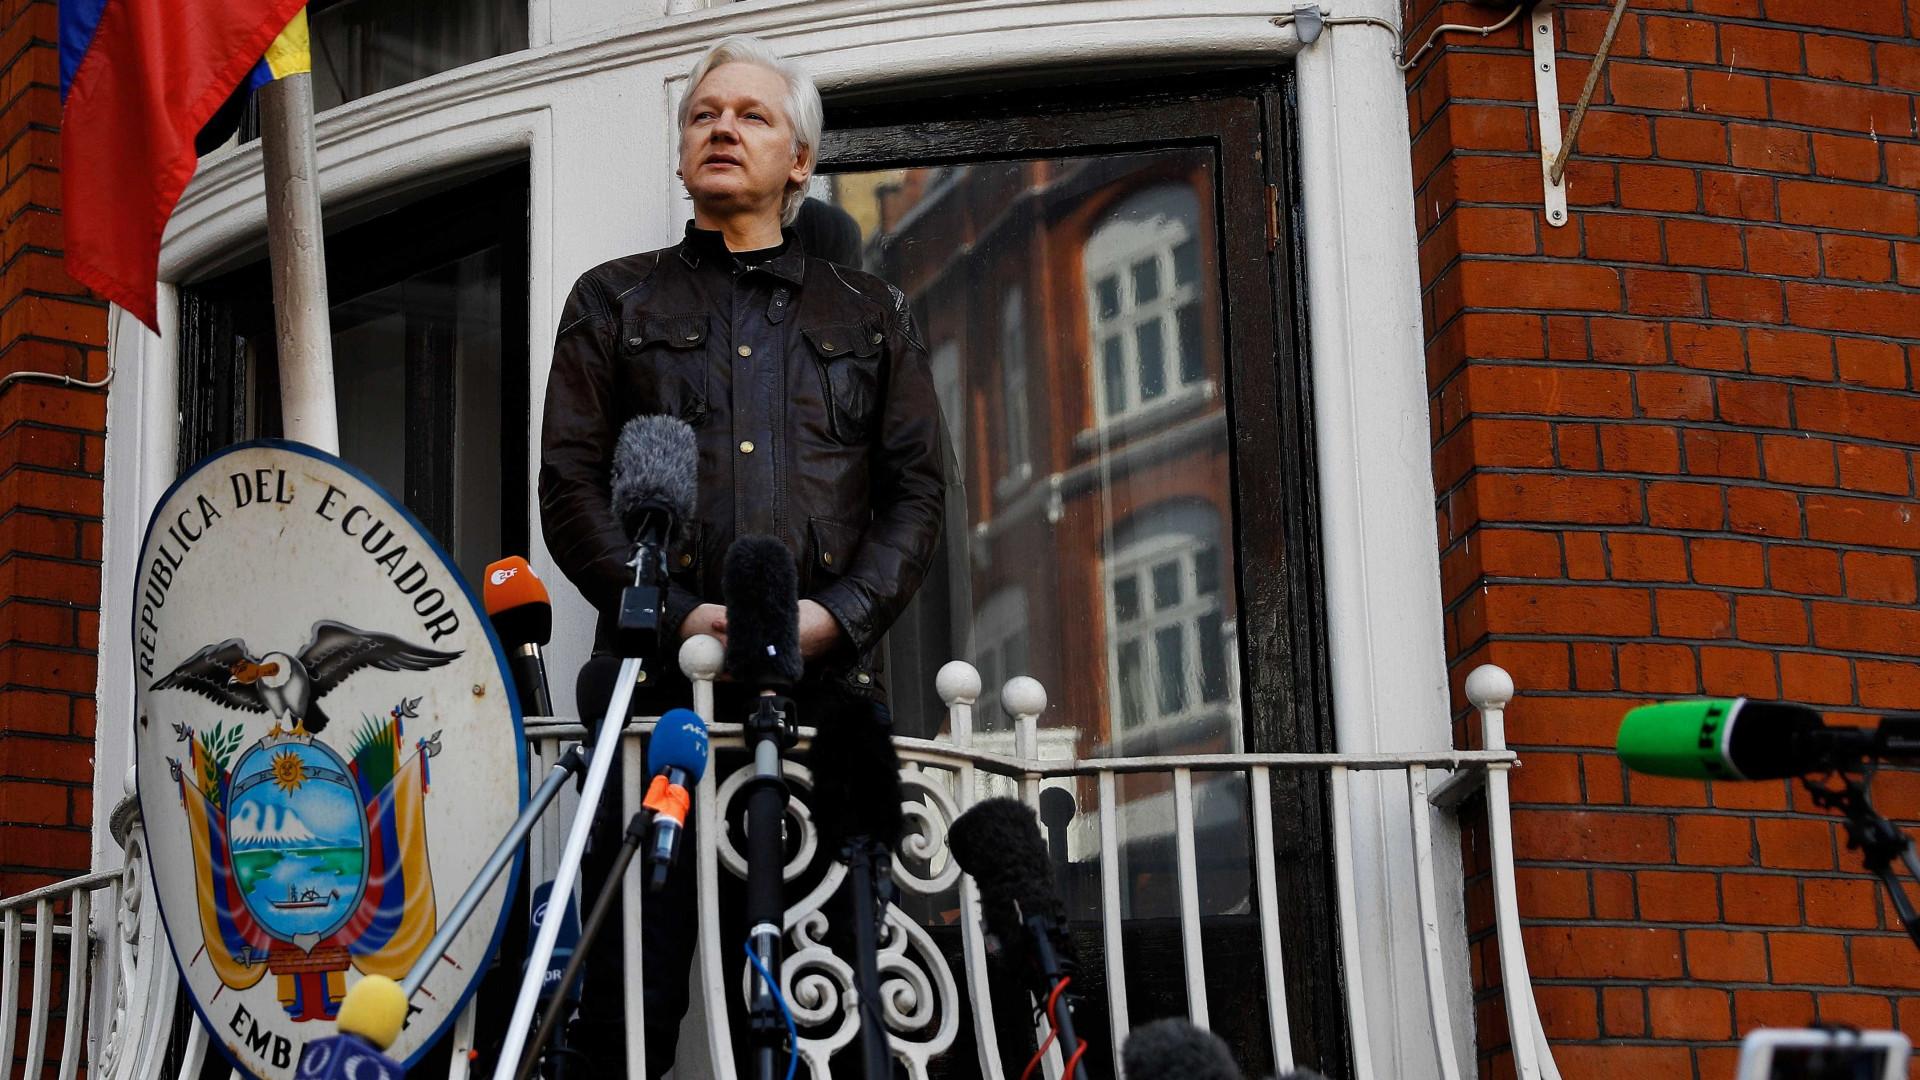 Reino Unido rejeita retirar pedido de detenção contra Julian Assange